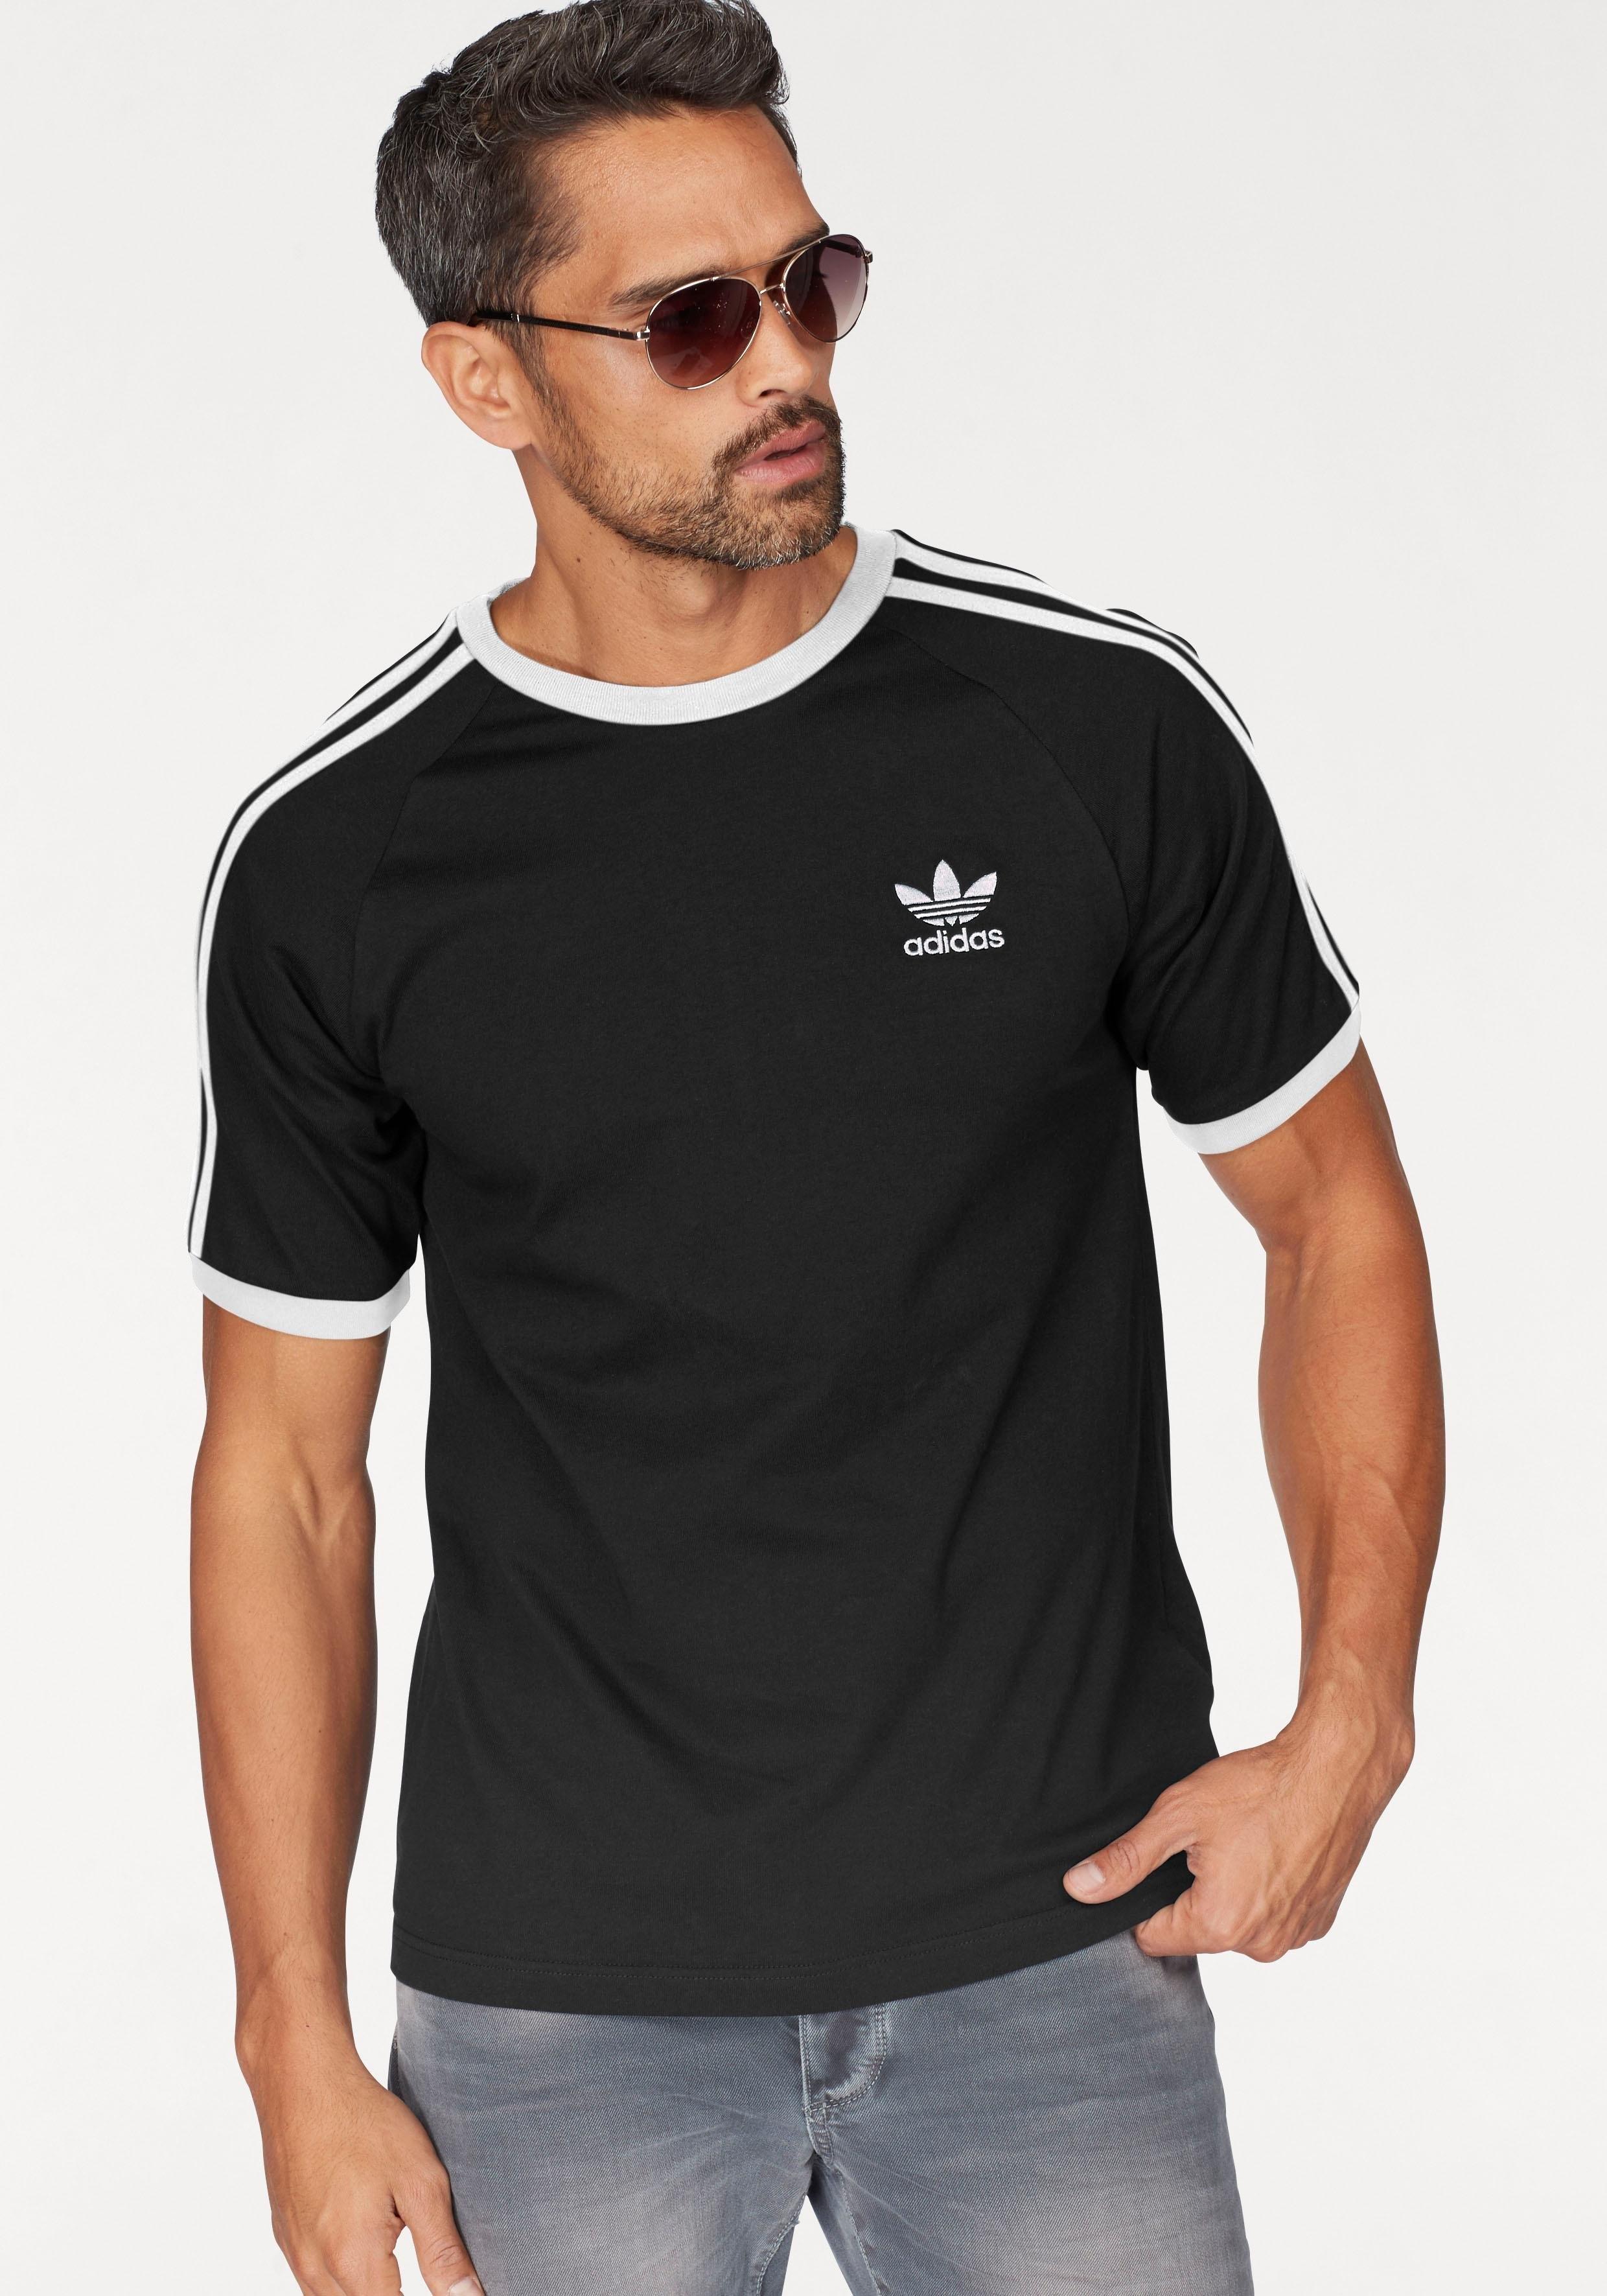 adidas Originals T-shirt »3-STRIPES TEE« voordelig en veilig online kopen